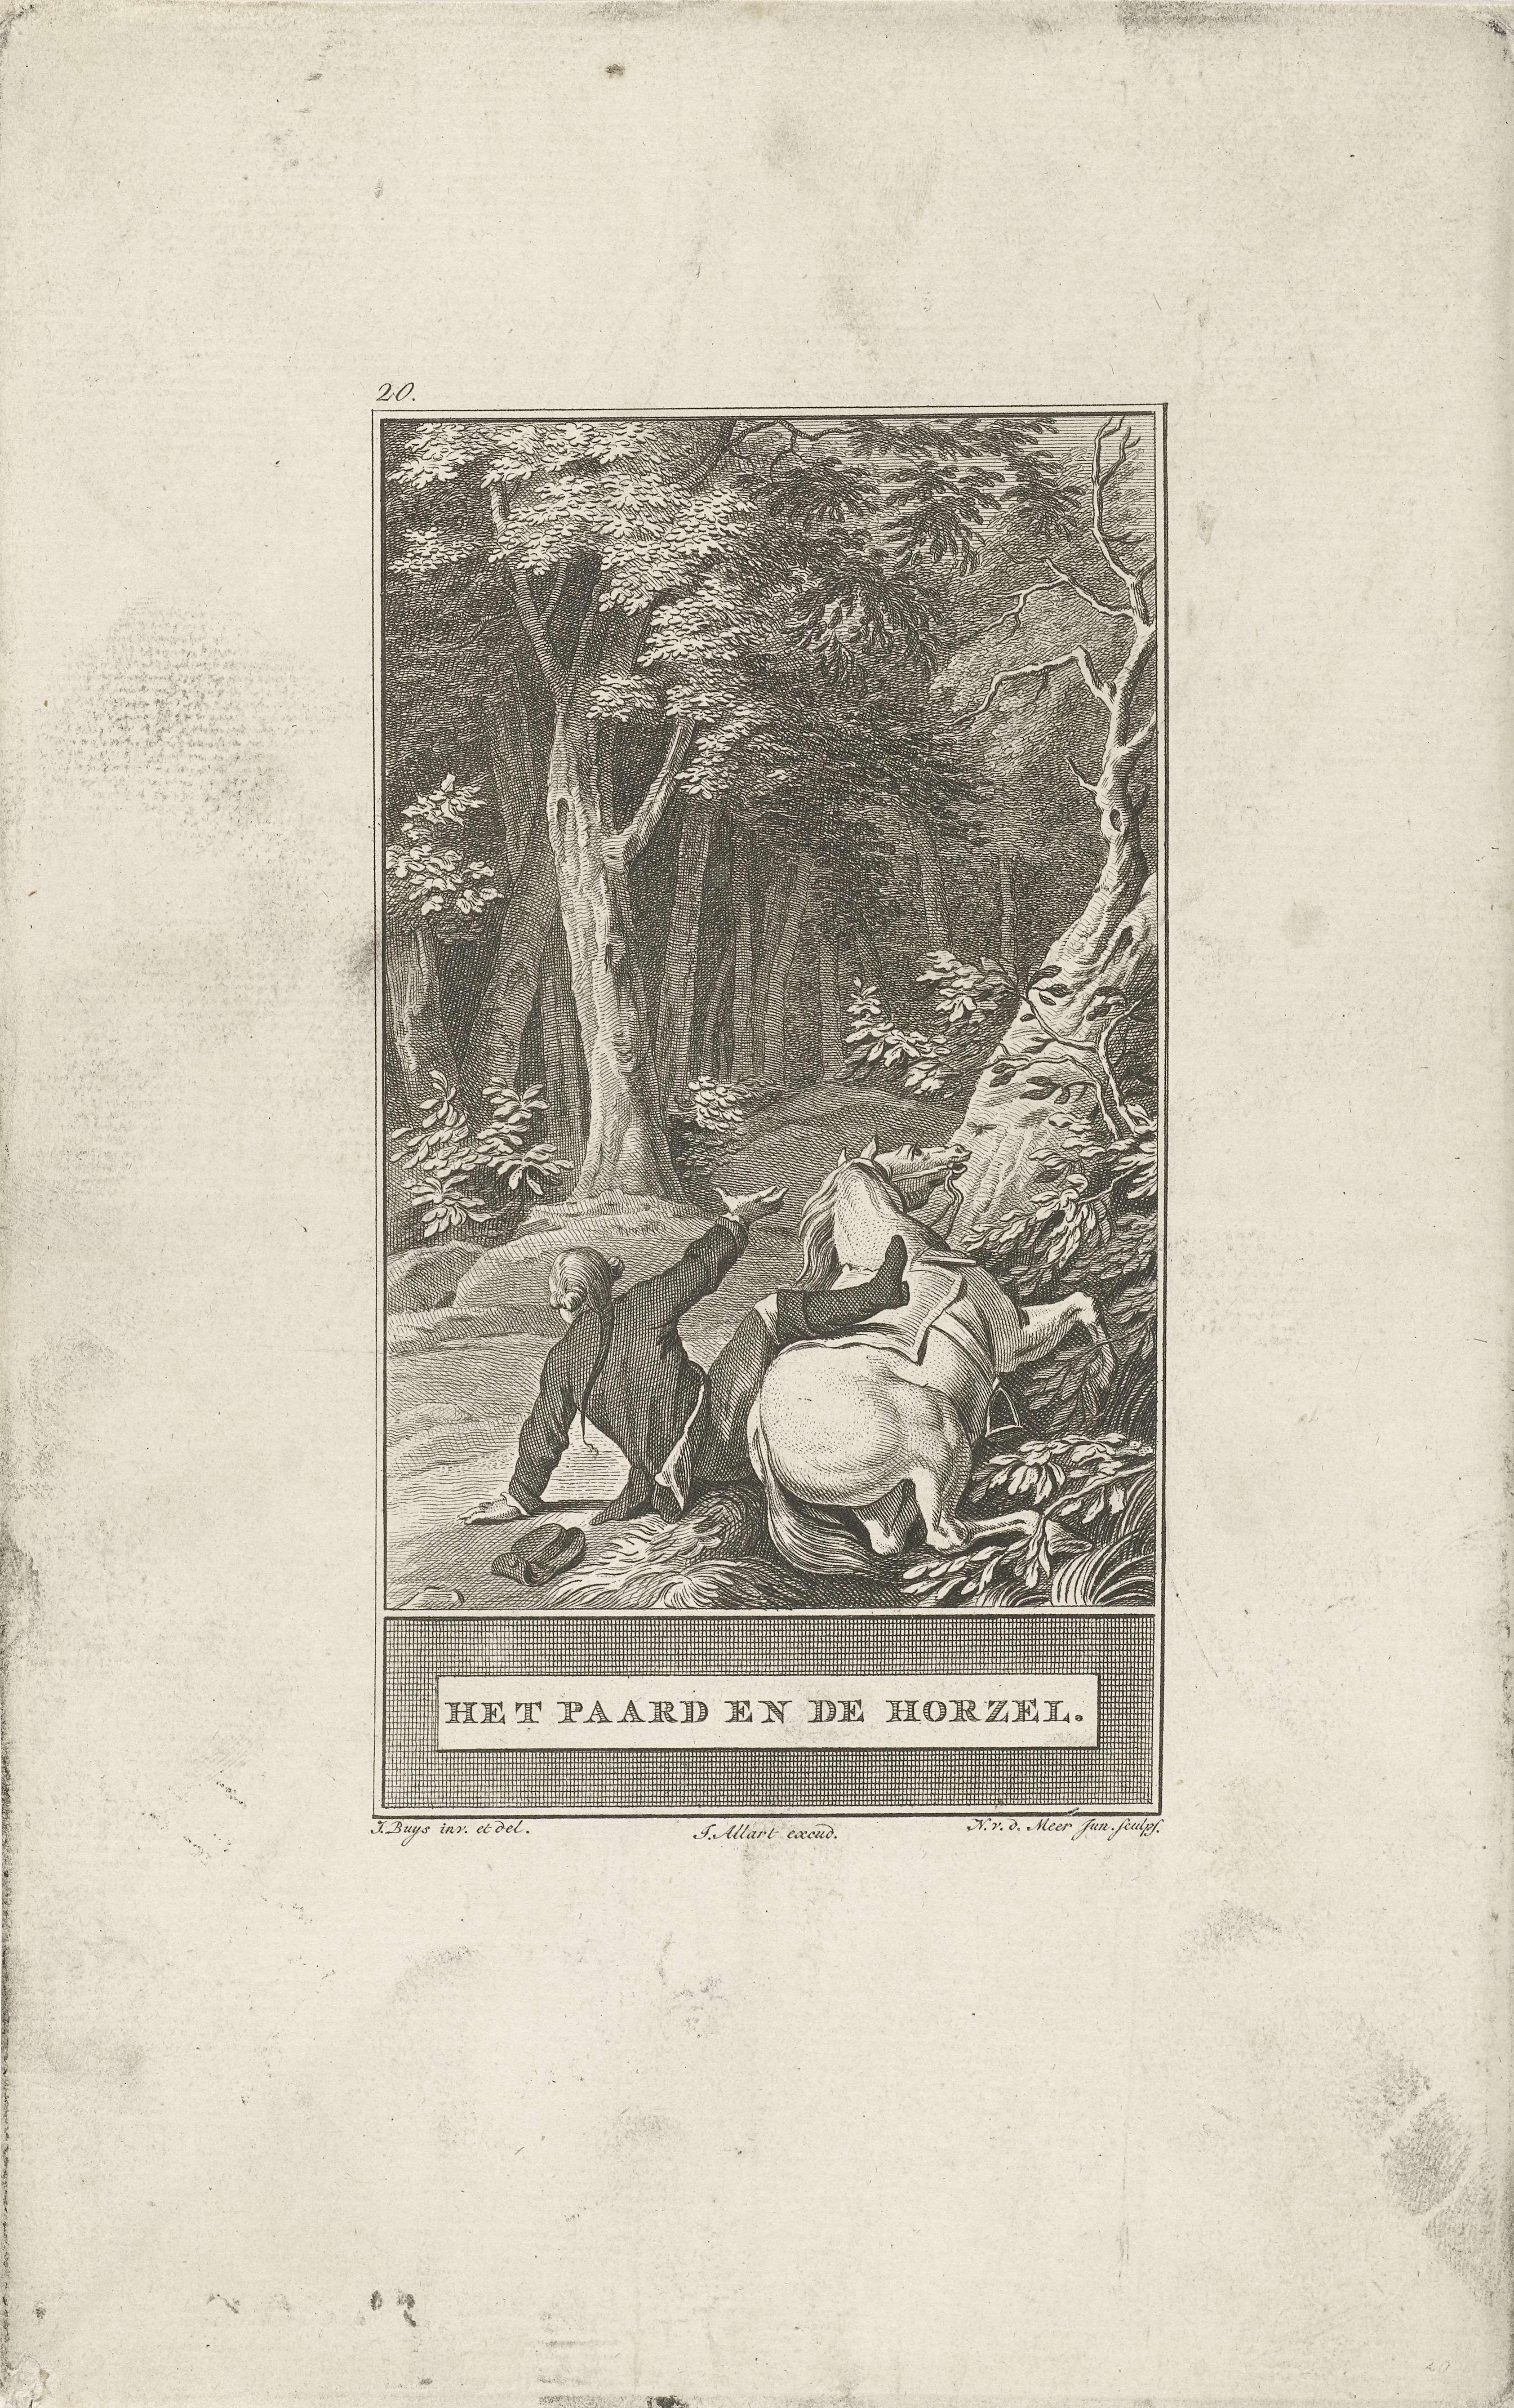 Noach van der Meer (II)   Paard en horzel, Noach van der Meer (II), Johannes Allart, 1777   Een paard zakt door zijn hoeven en werpt zijn berijder af, nadat hij door een horzel in de neus is gestoken.